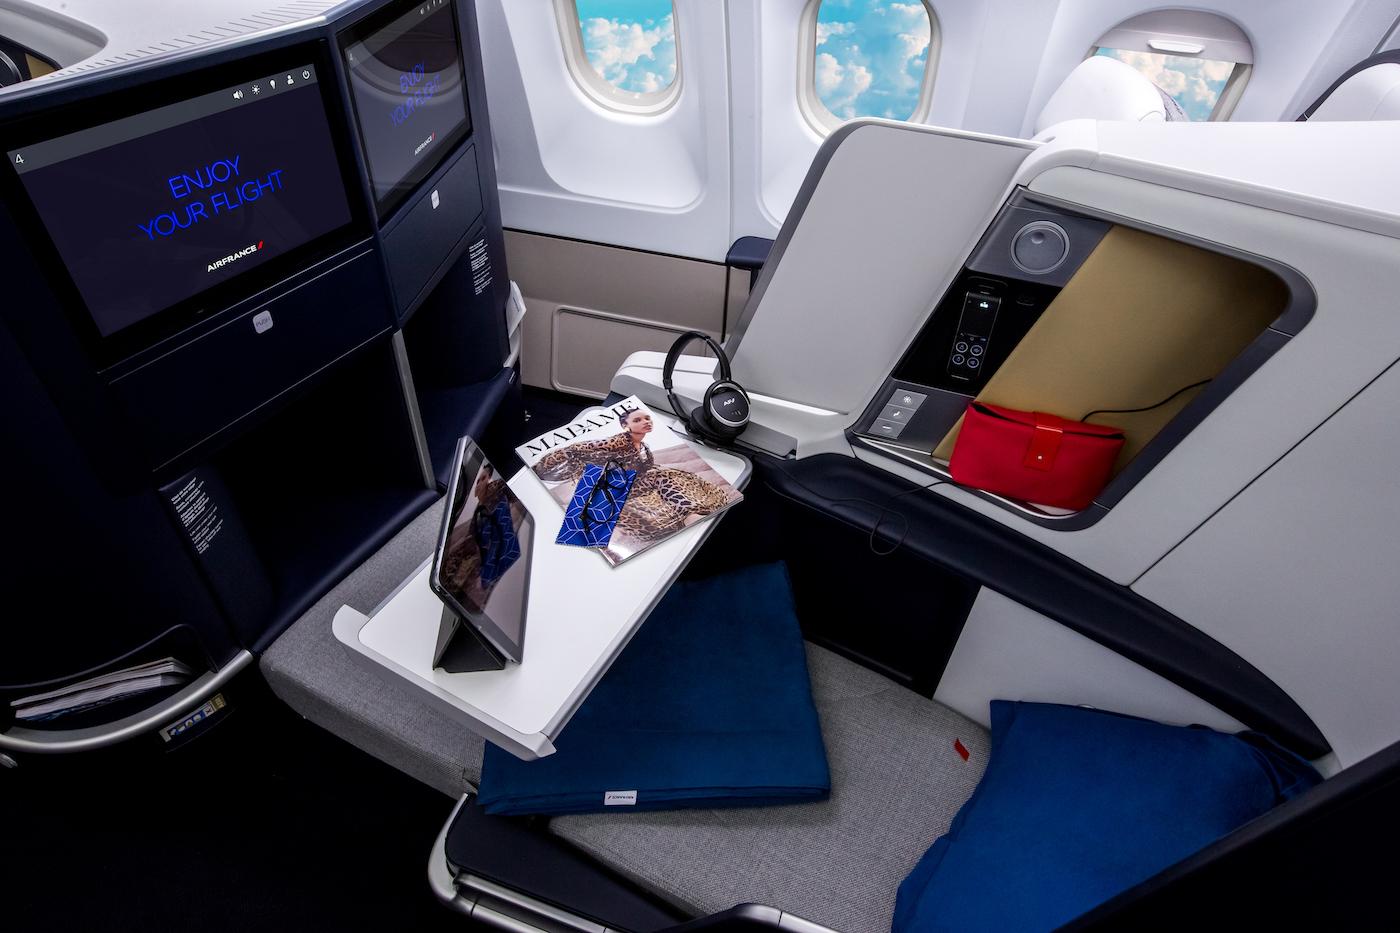 Air France präsentiert die neue Business Klasse im Airbus A330 1